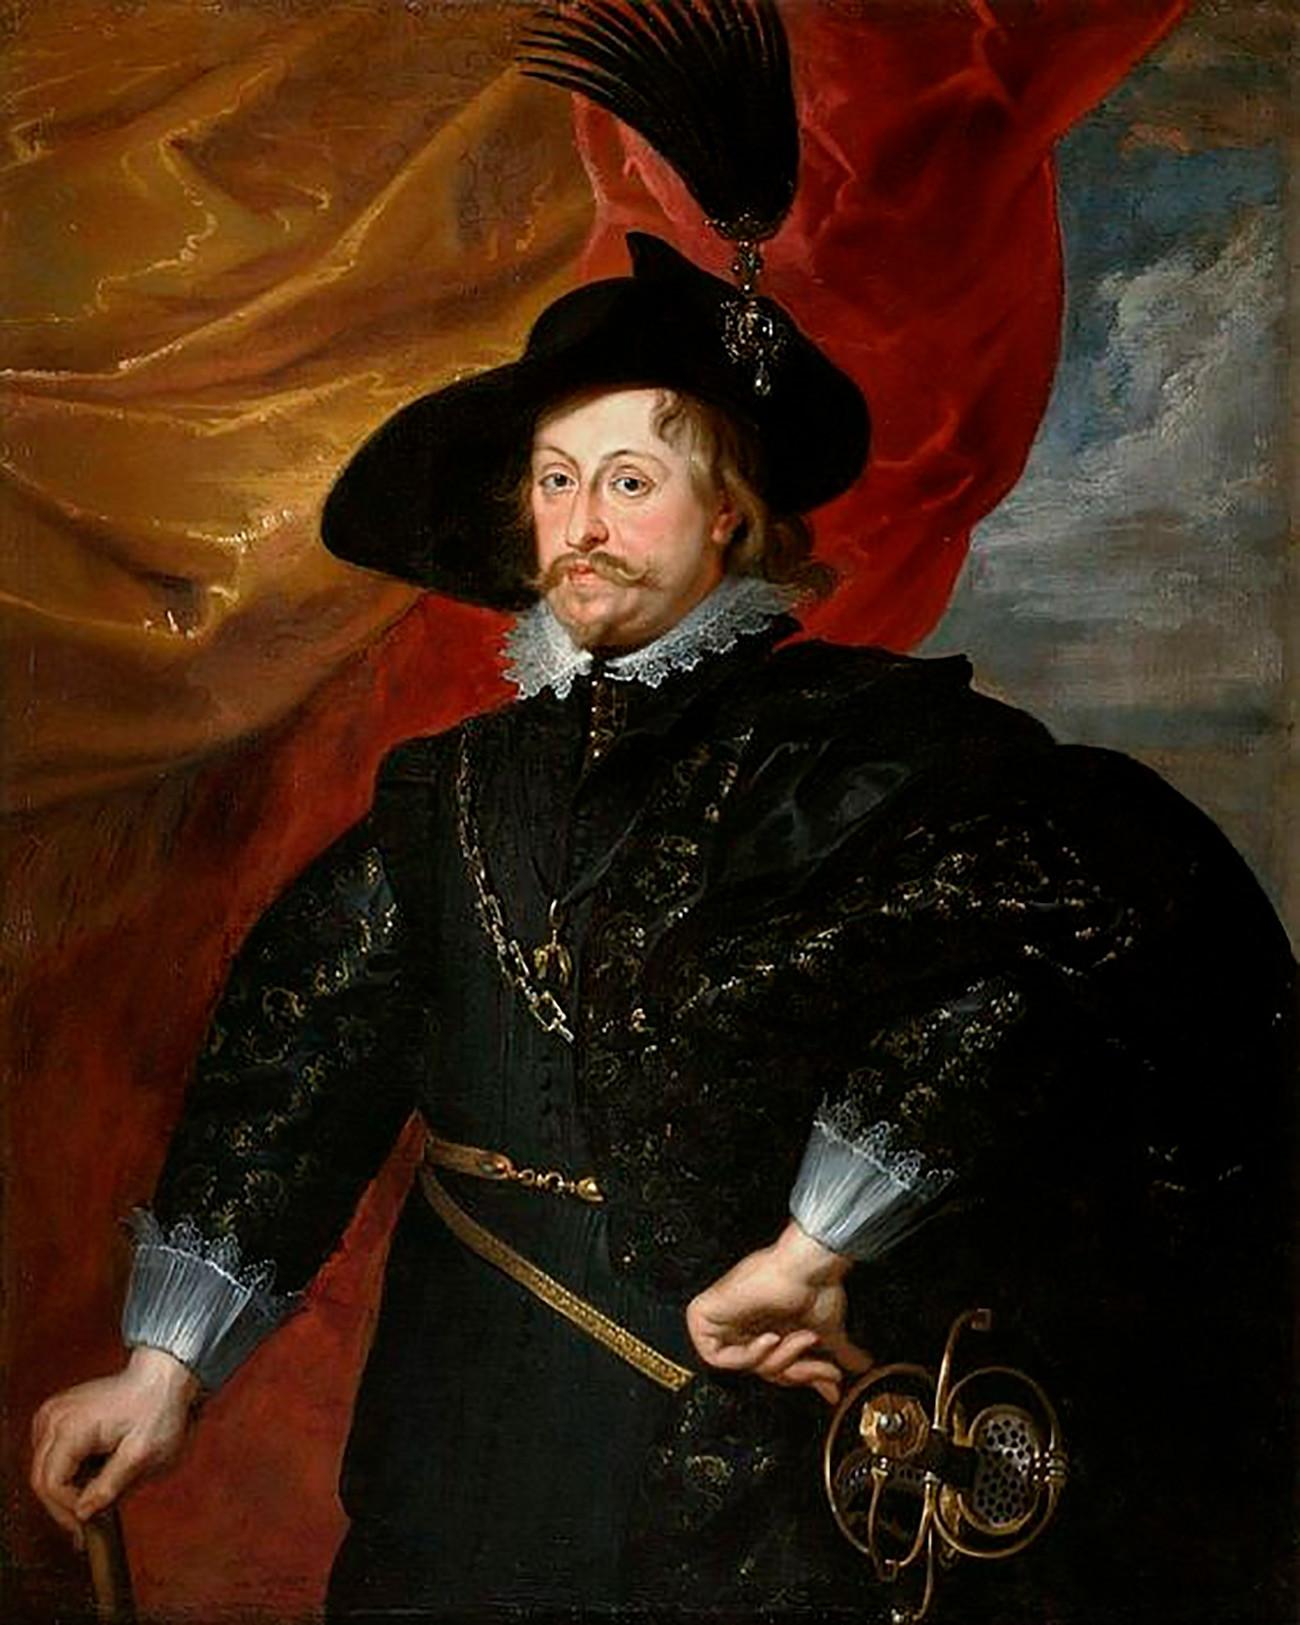 Władysław IV. Waza